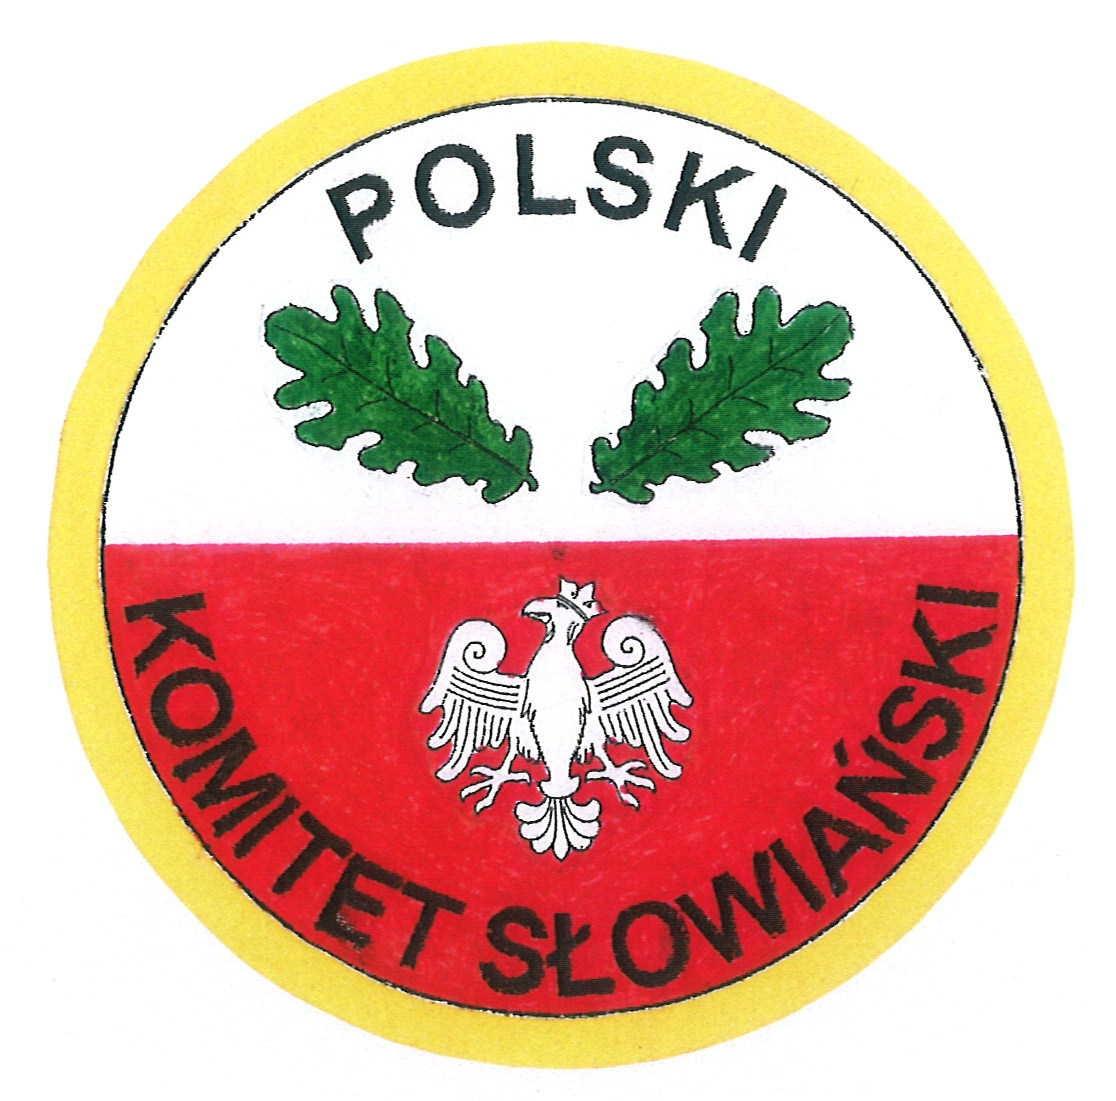 POLSKI   KOMITET   SŁOWIAŃSKI  ПОЛЬСКИЙ  СЛАВЯНСКИЙ  КОМИТЕТ POLISH  SLAVONIC  COMMITTEE RADA KRAJOWA  00-521 Warszawa, ul. Hoża 25 m. 13, telefon: 22-6215571, 6293606 Adres pocztowy: 00-956 Warszawa 10, skrytka pocztowa 15 http://www.komitet.org.pl   e-mail: poczta@komitet.org.pl Konto bankowe: PKO BP SA Odział 10 w Warszawie, nr 77 1020 1013 0000 0102 0218 8142